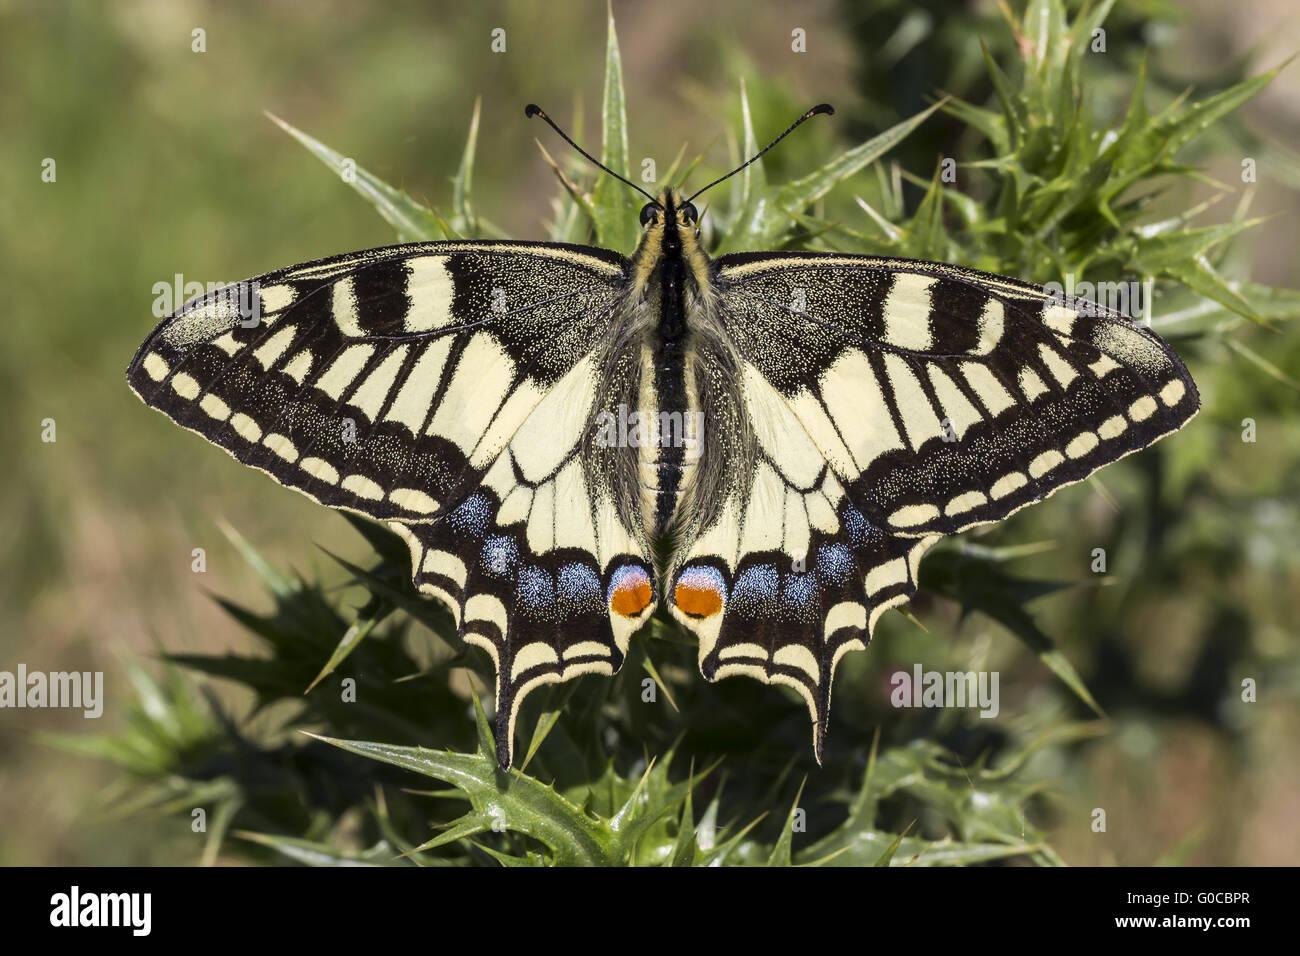 Papilio machaon, Swallowtail butterfly à partir de l'Europe Banque D'Images